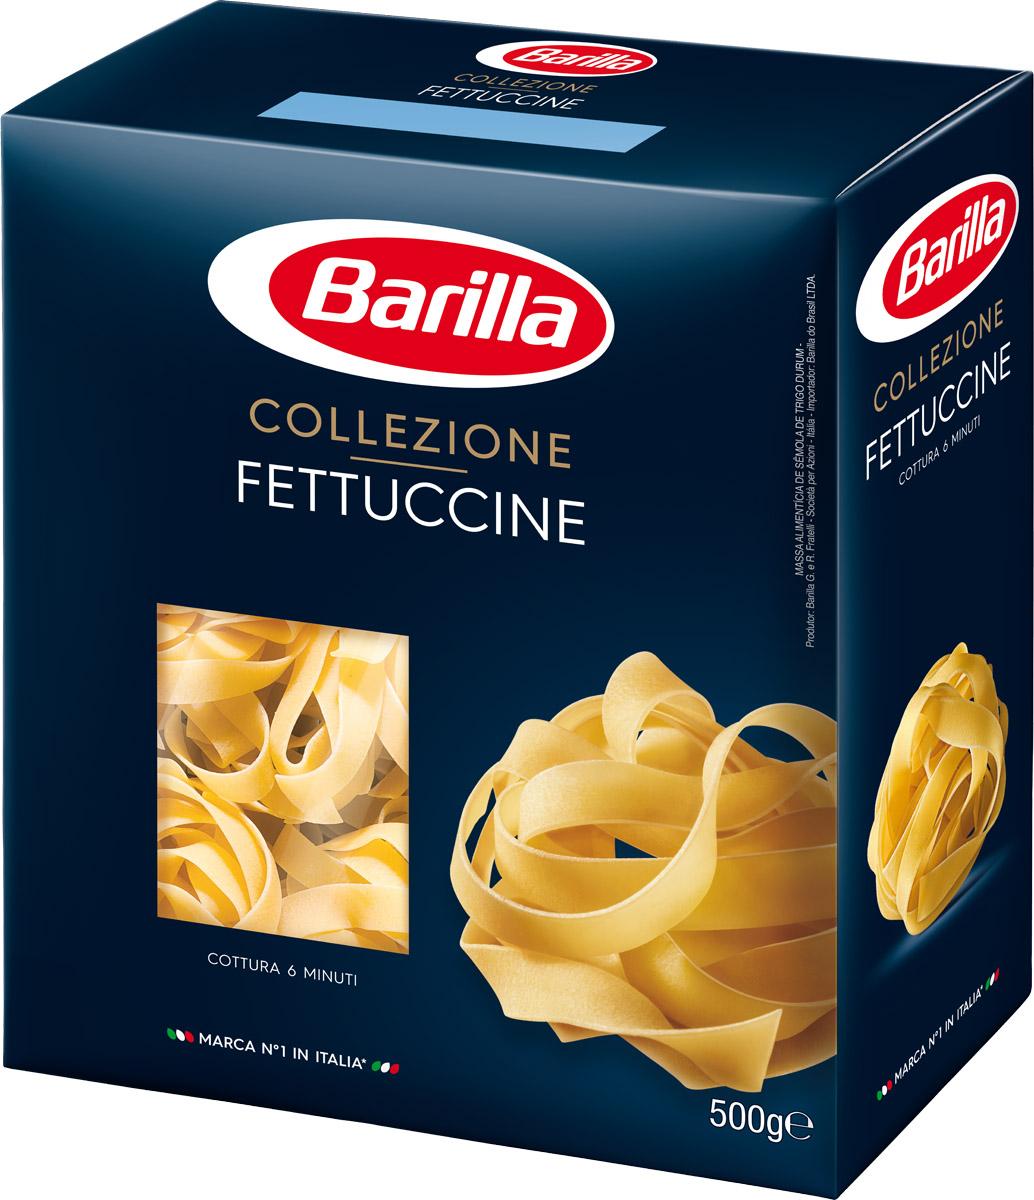 Barilla Fettuccine паста феттучине, 500 г8076809523776Паста занимает главное место в итальянской культуре еды. Учитывая трепетное отношение итальянцев к еде, нетрудно представить, какое значение они придают качеству ингредиентов, правильной рецептуре и процессу приготовления пасты. Внедряя инновации в процесс производства, Barilla твердо придерживается традиционной рецептуры и чрезвычайно требовательна в подборе ингредиентов. Будучи крупнейшим в мире покупателем пшеницы твердых сортов, Barilla работает с фермерами и поставщиками семян напрямую, контролируя не только качество посевного материала, но и отслеживая, как растят пшеницу и чем ее удобряют. Контролируется и процесс доставки. Миллионы семей во всем мире могут быть уверены, что паста из синей упаковки с хорошо знакомым им логотипом - самая настоящая, итальянская, высочайшего качества. Ни в одном из продуктов Barilla нет искусственных красителей, загустителей, консервантов и генномодифицированных продуктов.Уважаемые клиенты! Обращаем ваше внимание на то, что упаковка может иметь несколько видов дизайна. Поставка осуществляется в зависимости от наличия на складе.